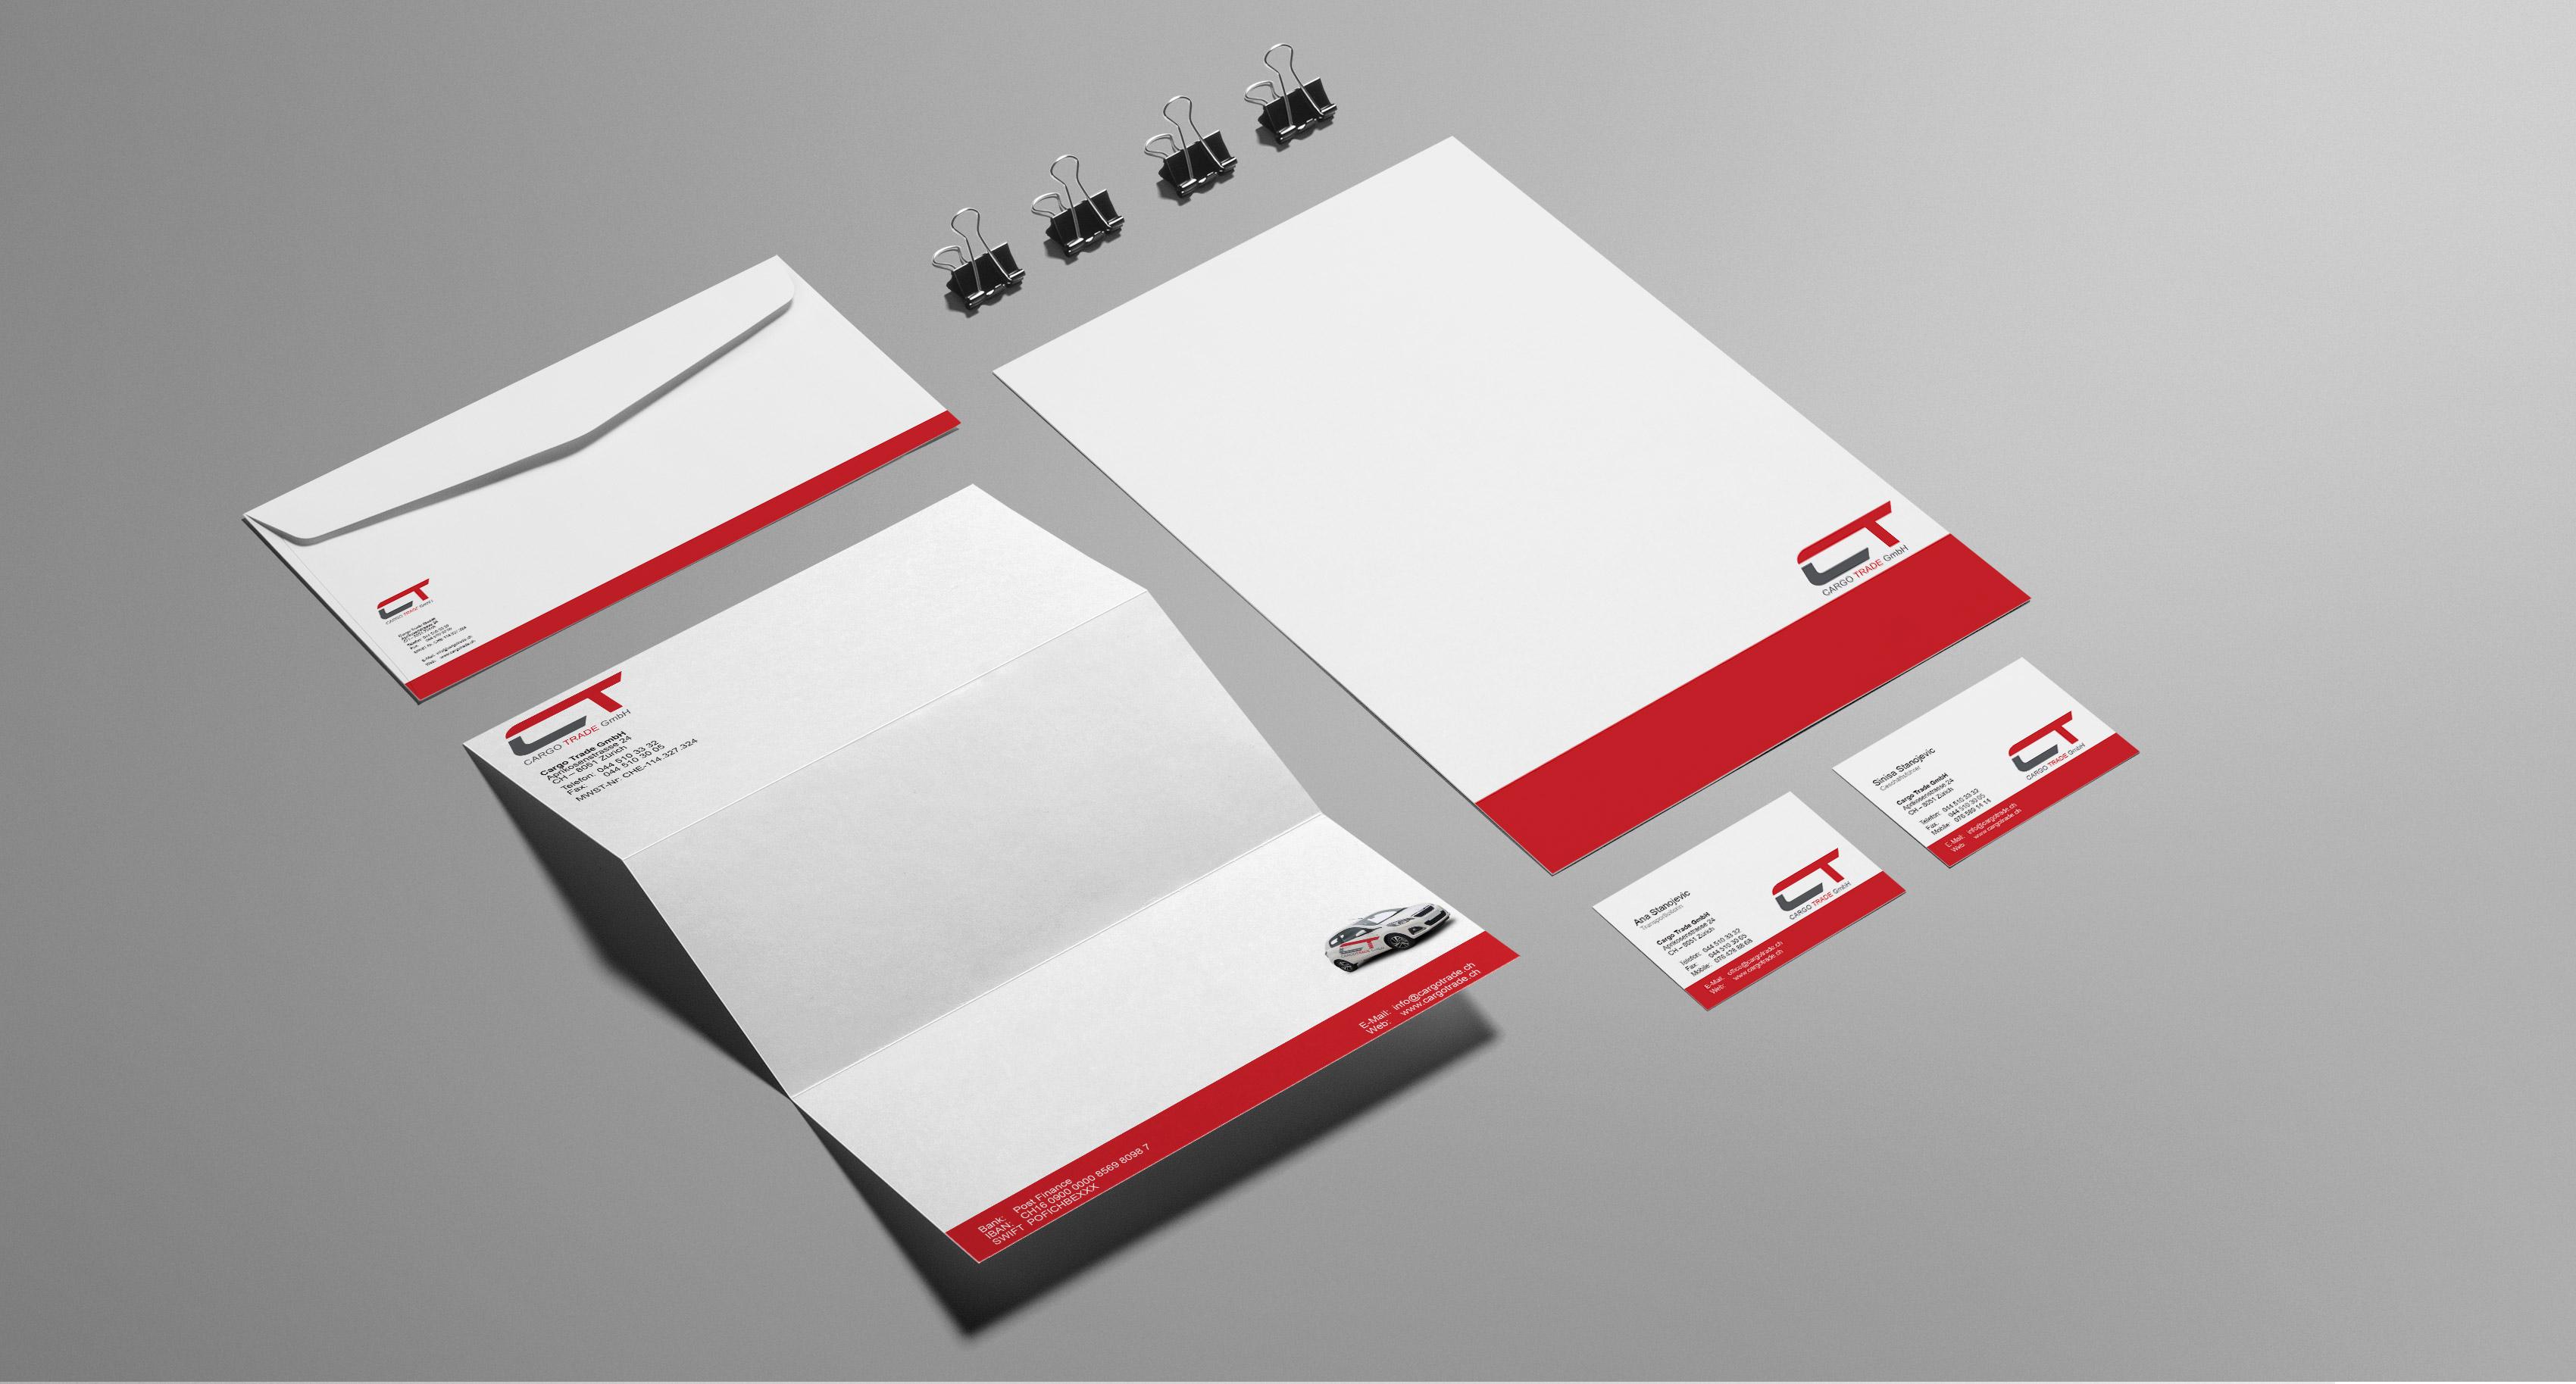 Briefpapier Gestalten Lassen Designer Design Layout